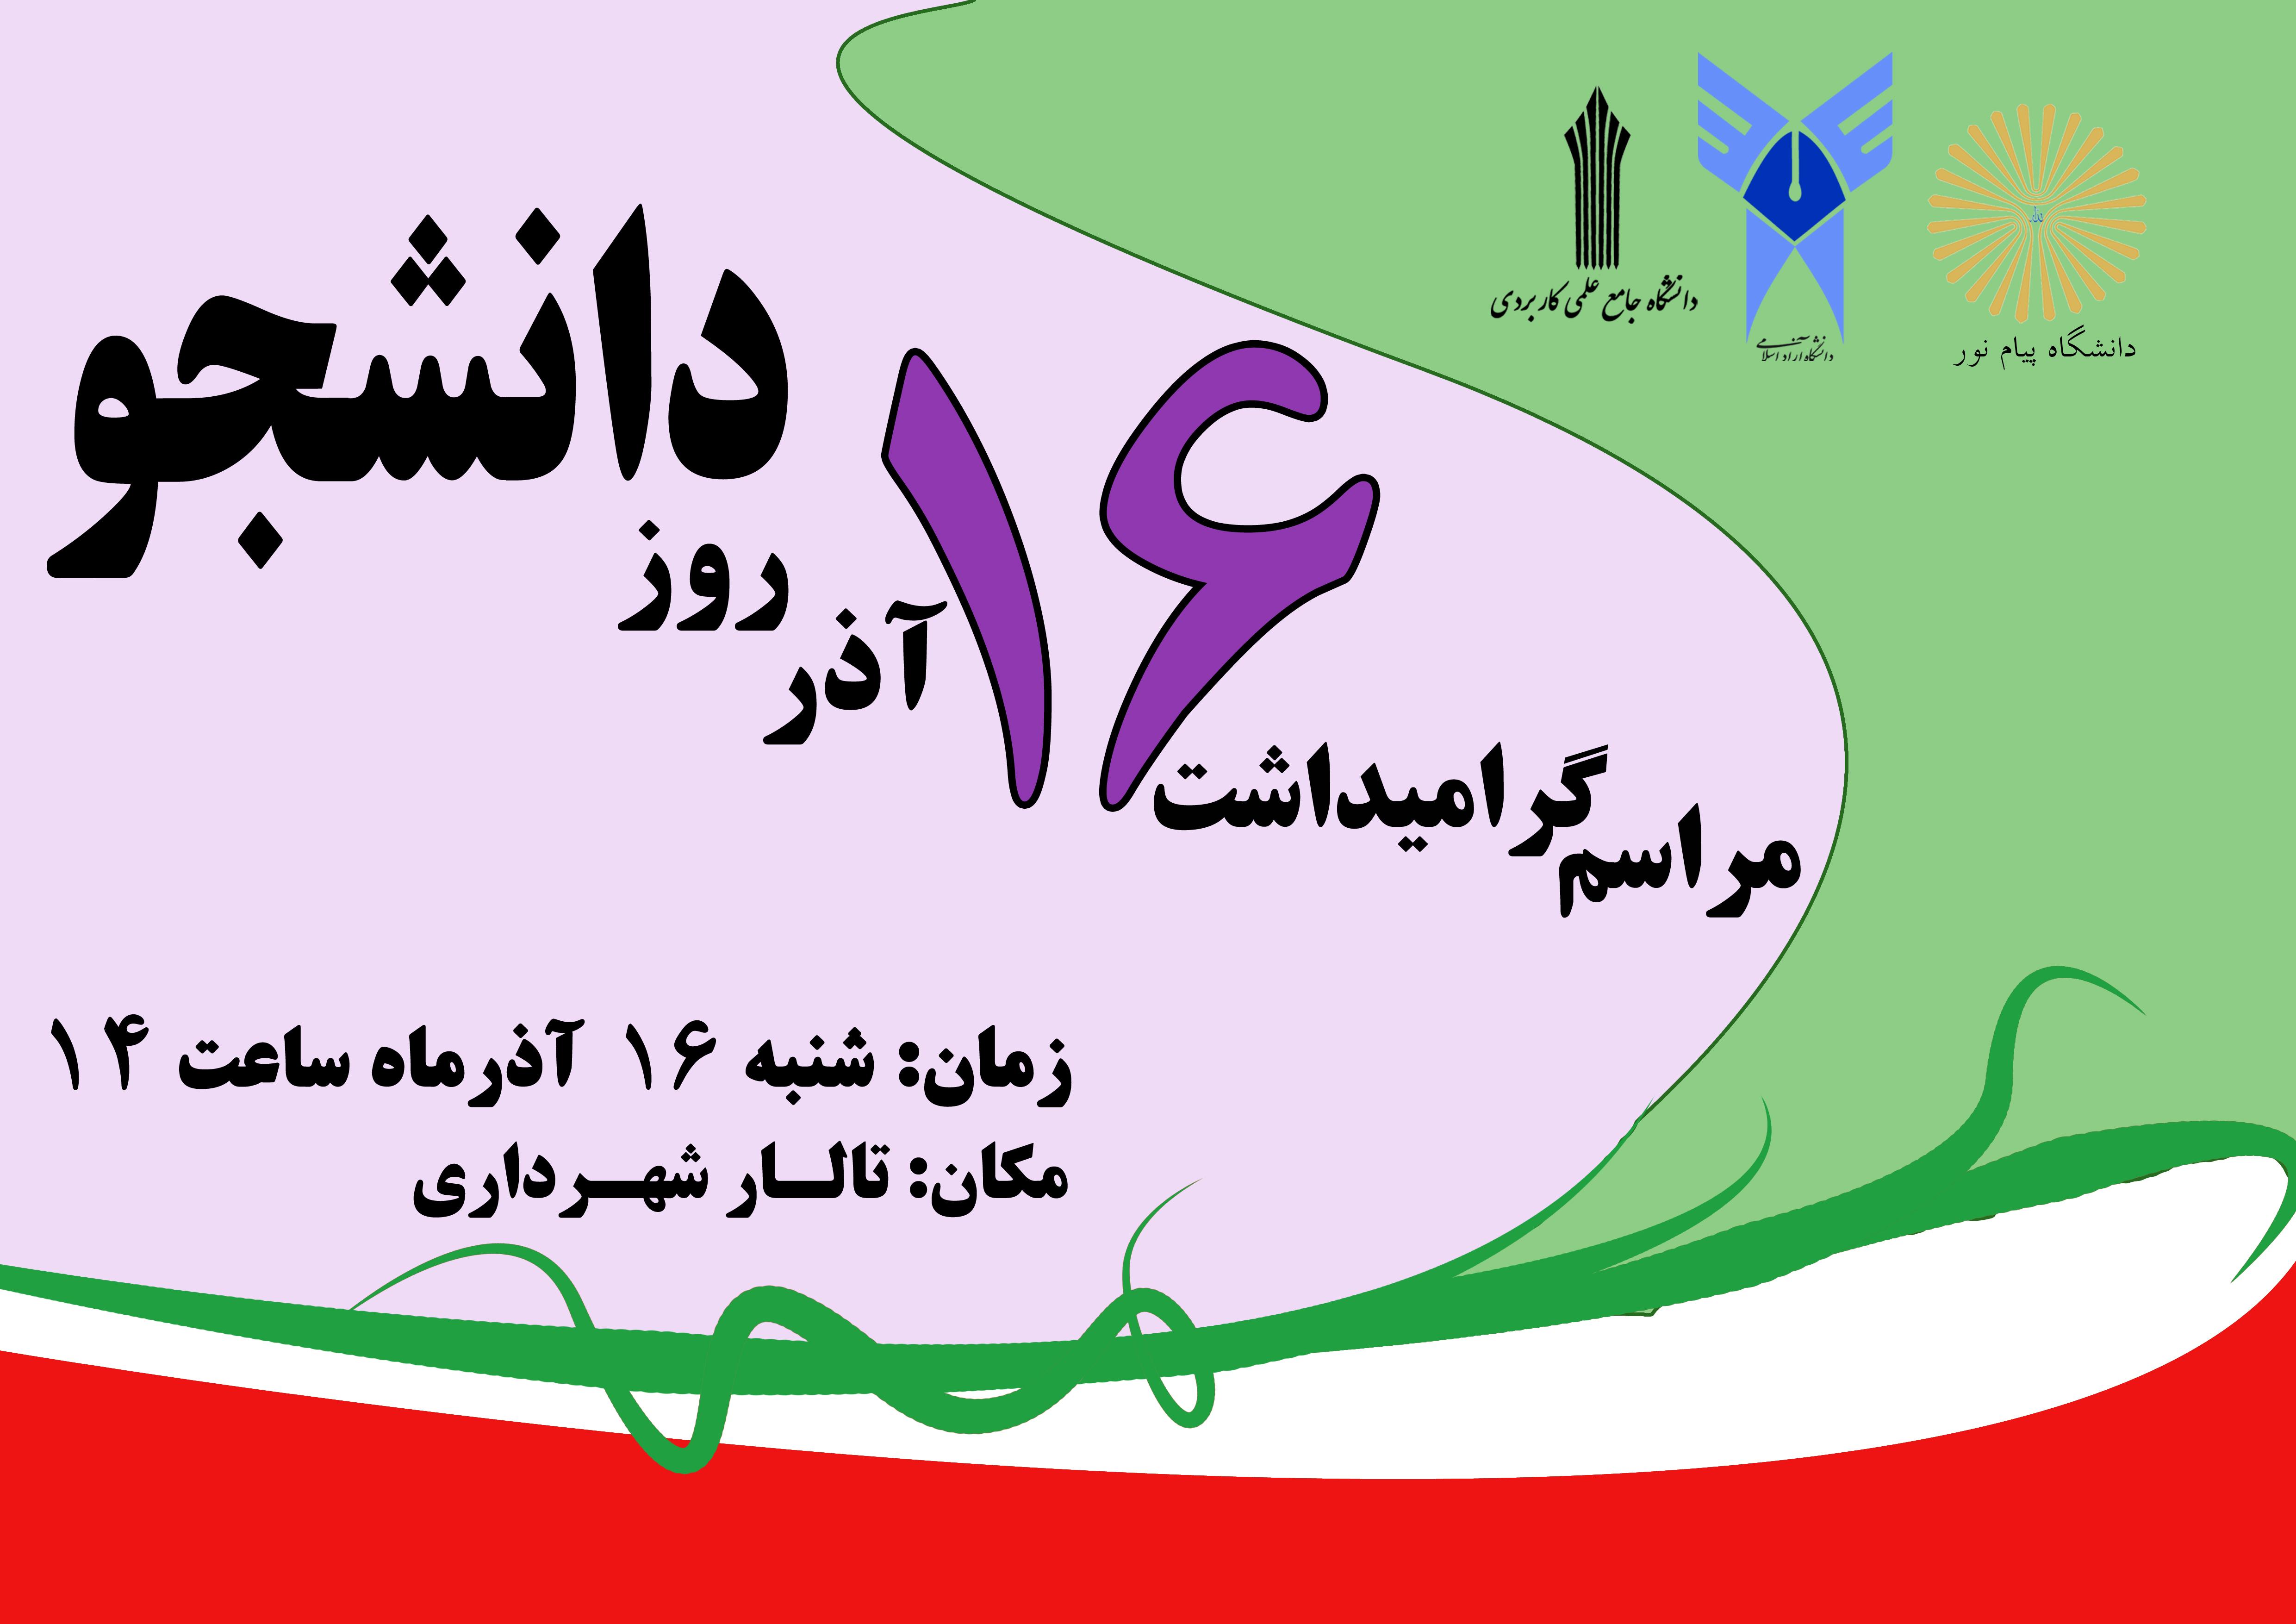 برگزاری همایش گرامیداشت 16 آذر روز دانشجو